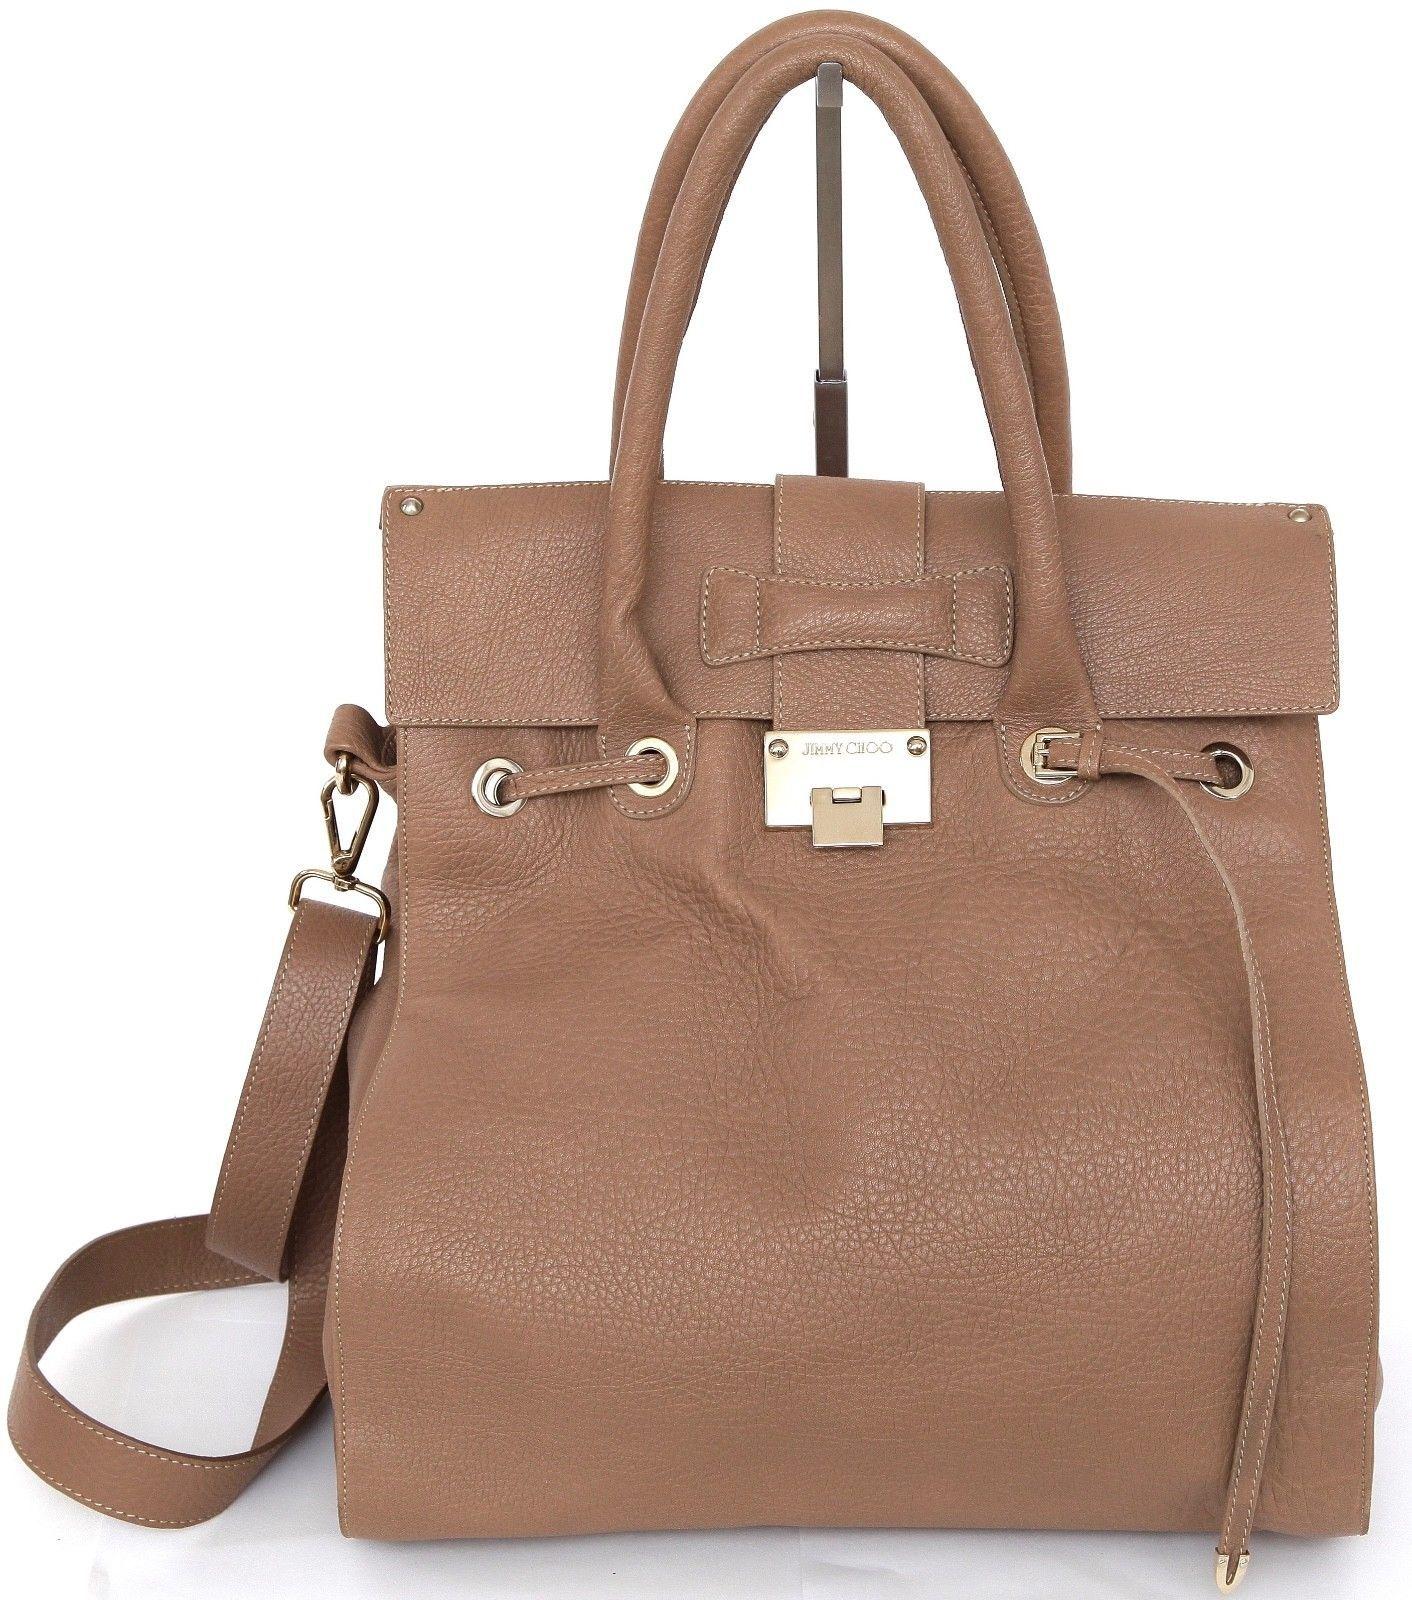 JIMMY CHOO Bag Tan Leather Large ROSABEL Satchel Tote Shoulder Strap Gold HW - $617.50